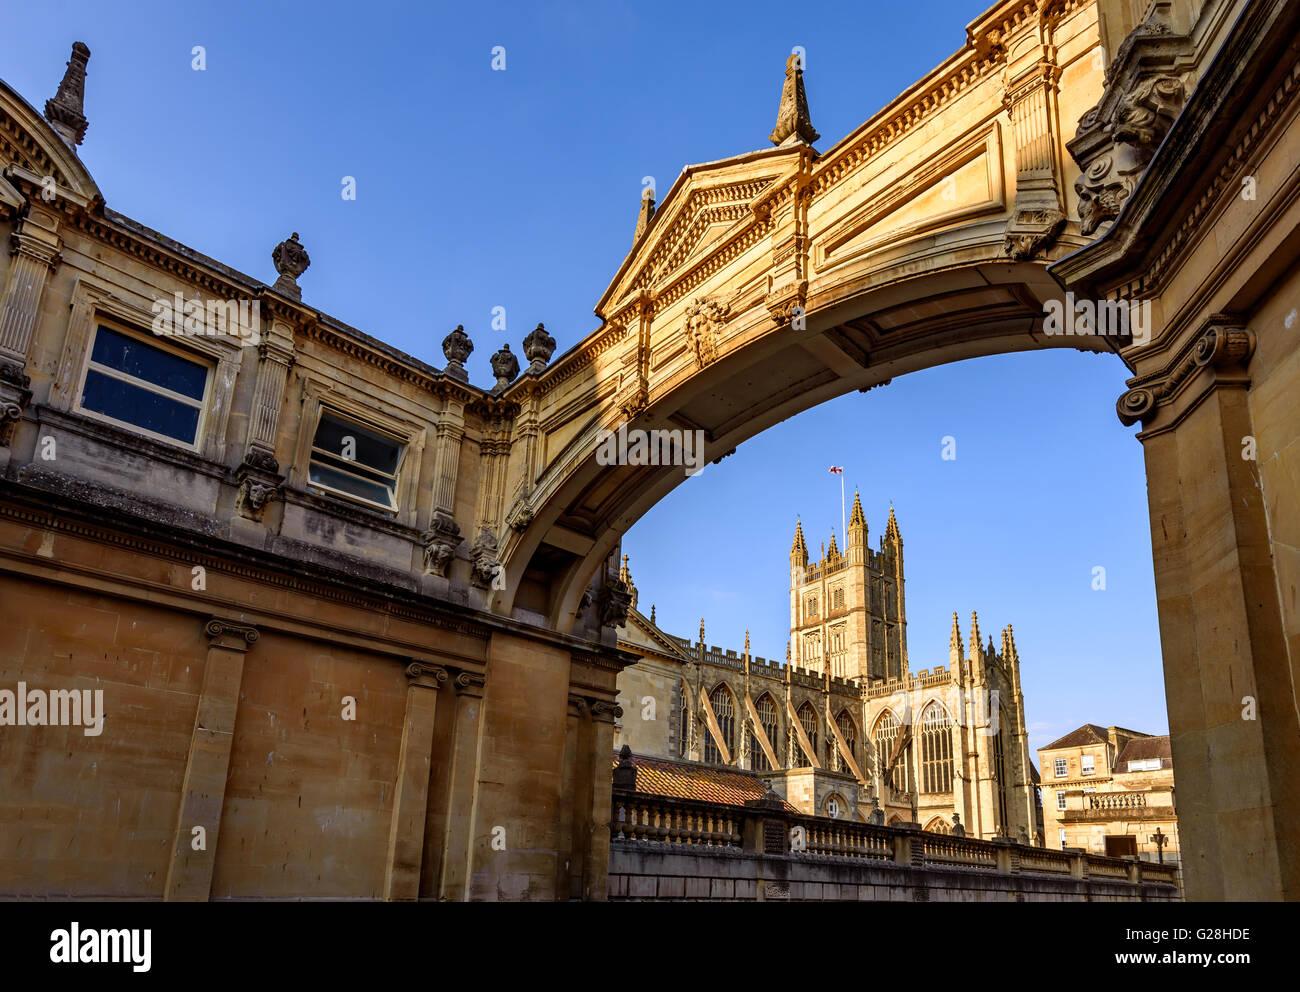 La Cathédrale historique de la ville de Bath Bath, Royaume-Uni Photo Stock